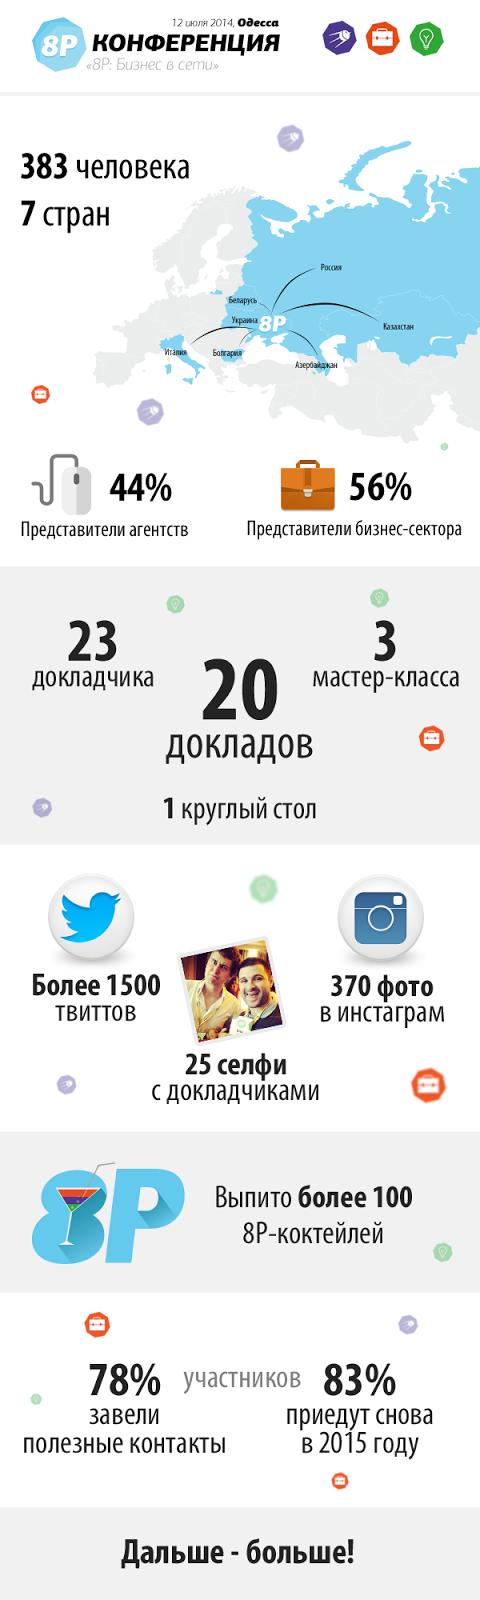 Инфографика 8P 2014